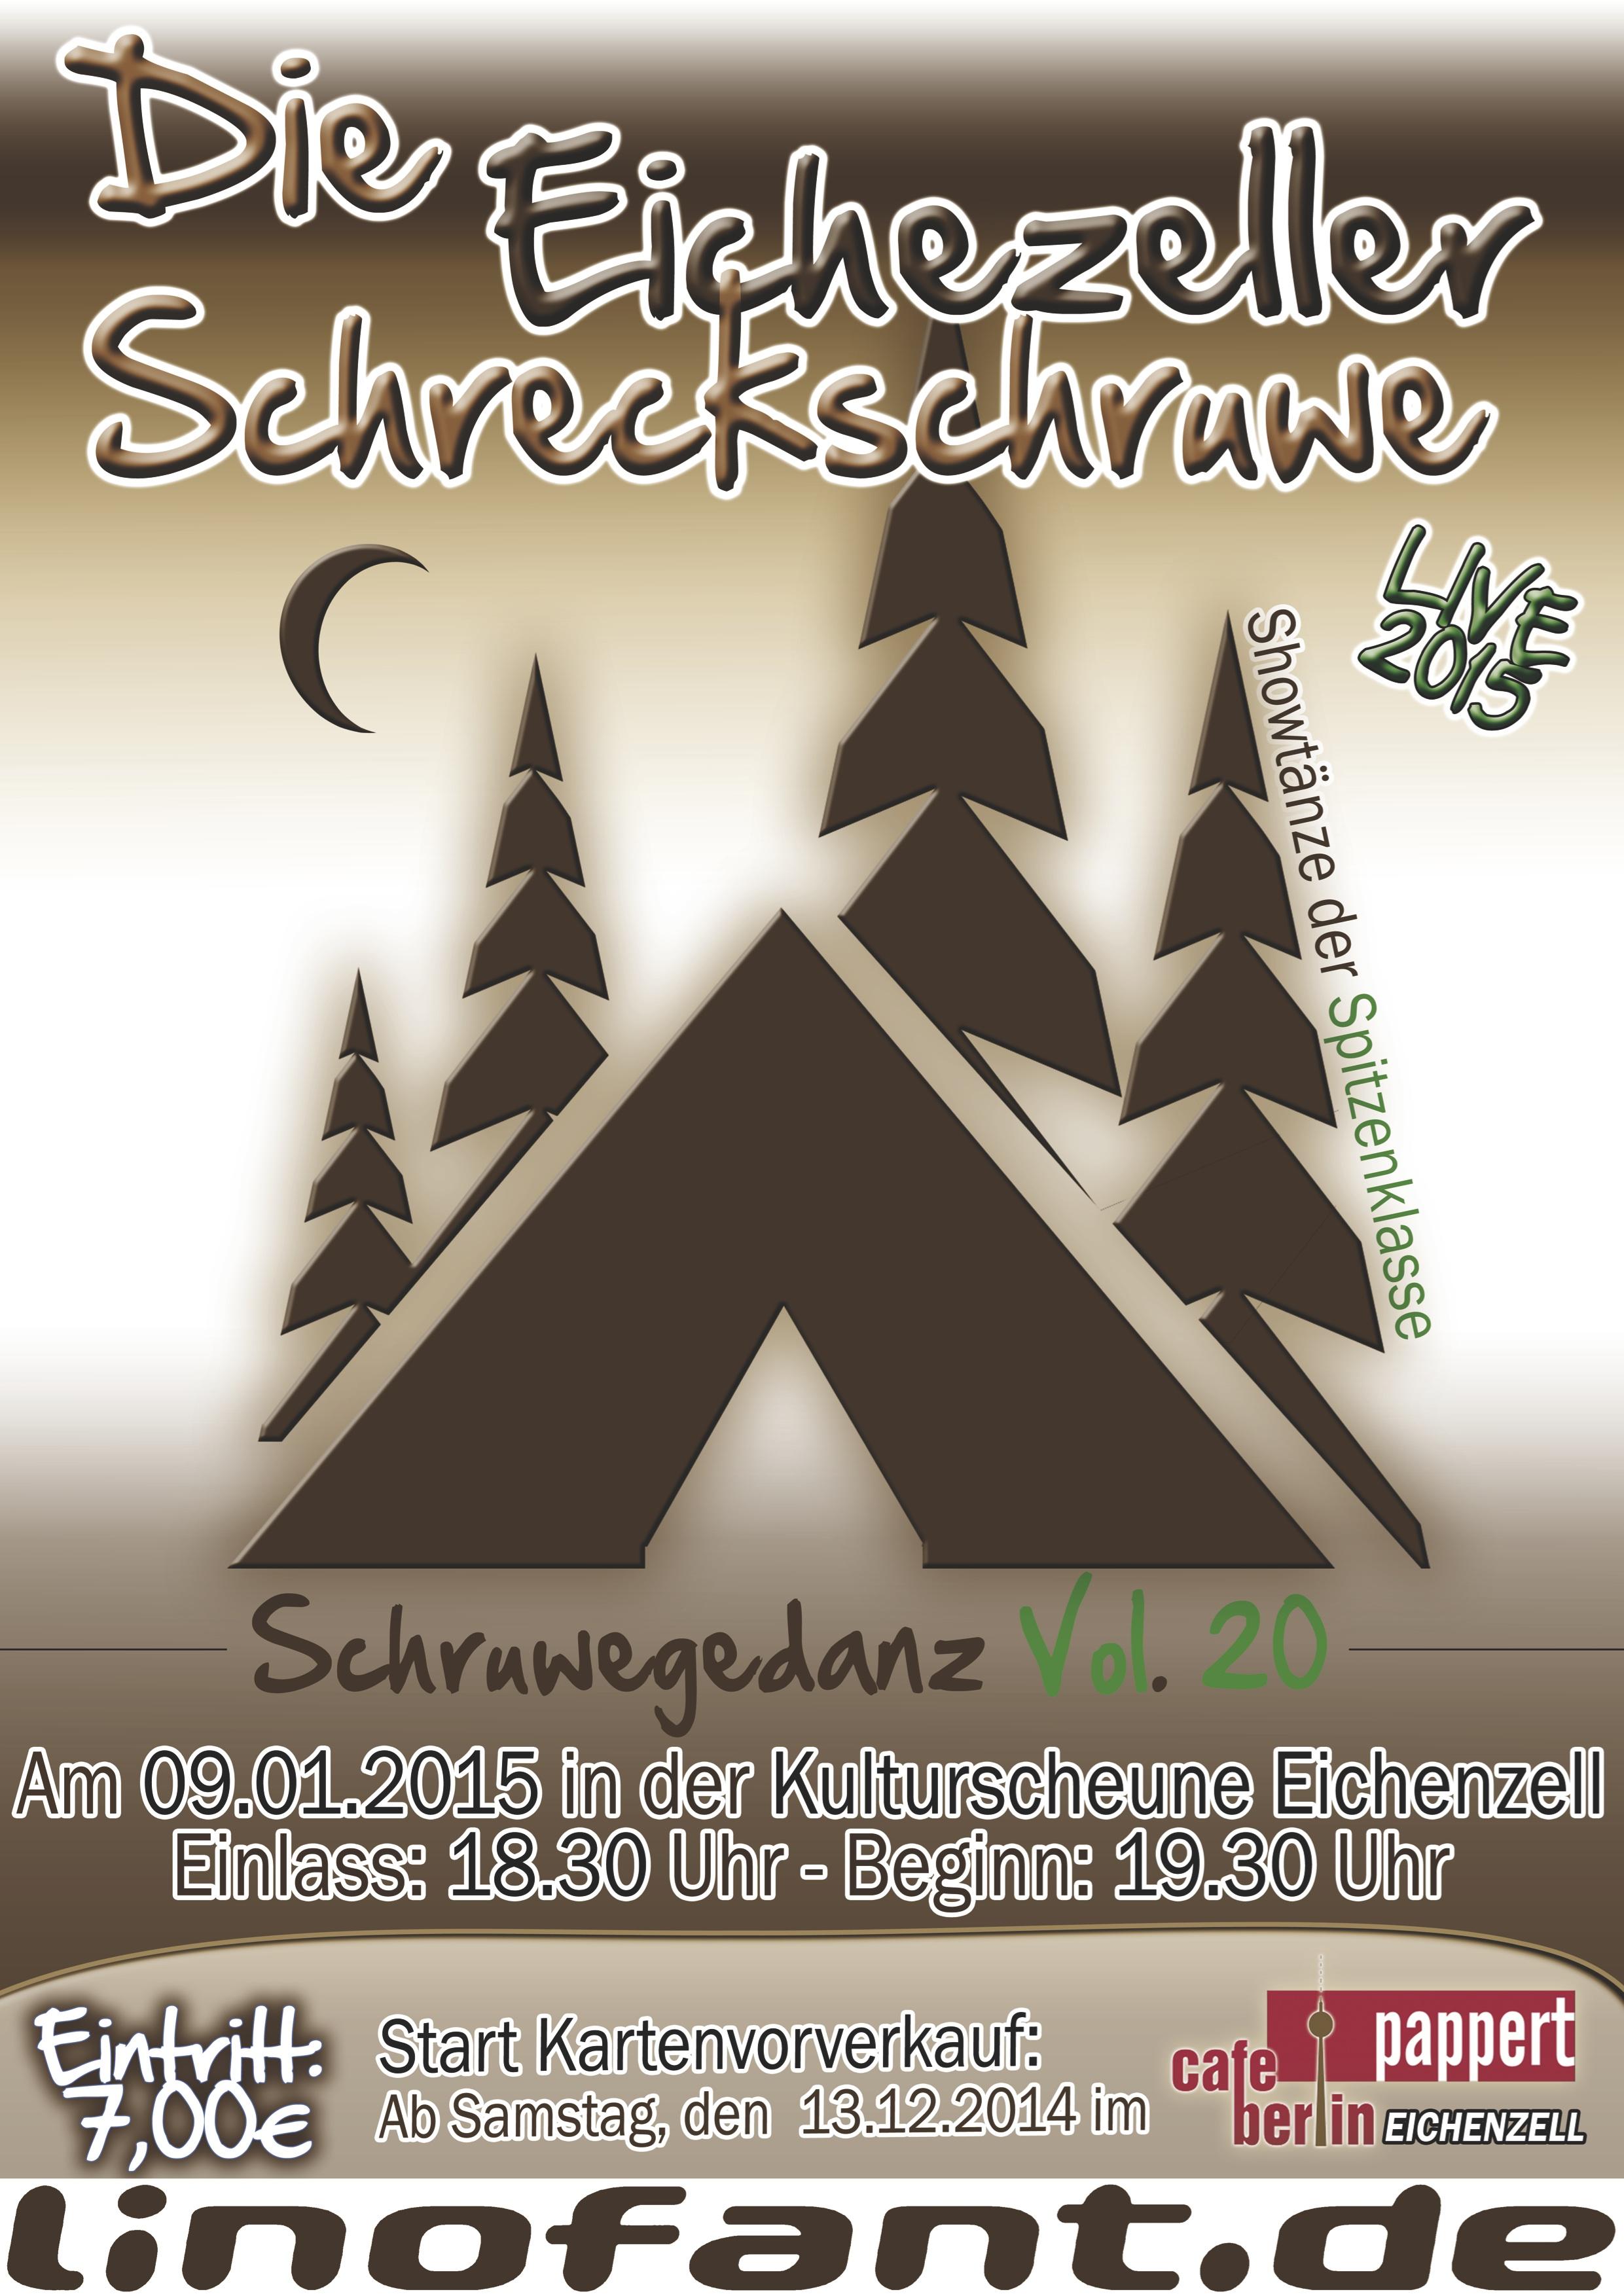 Schruweplakat_2015_FINAL_JPG